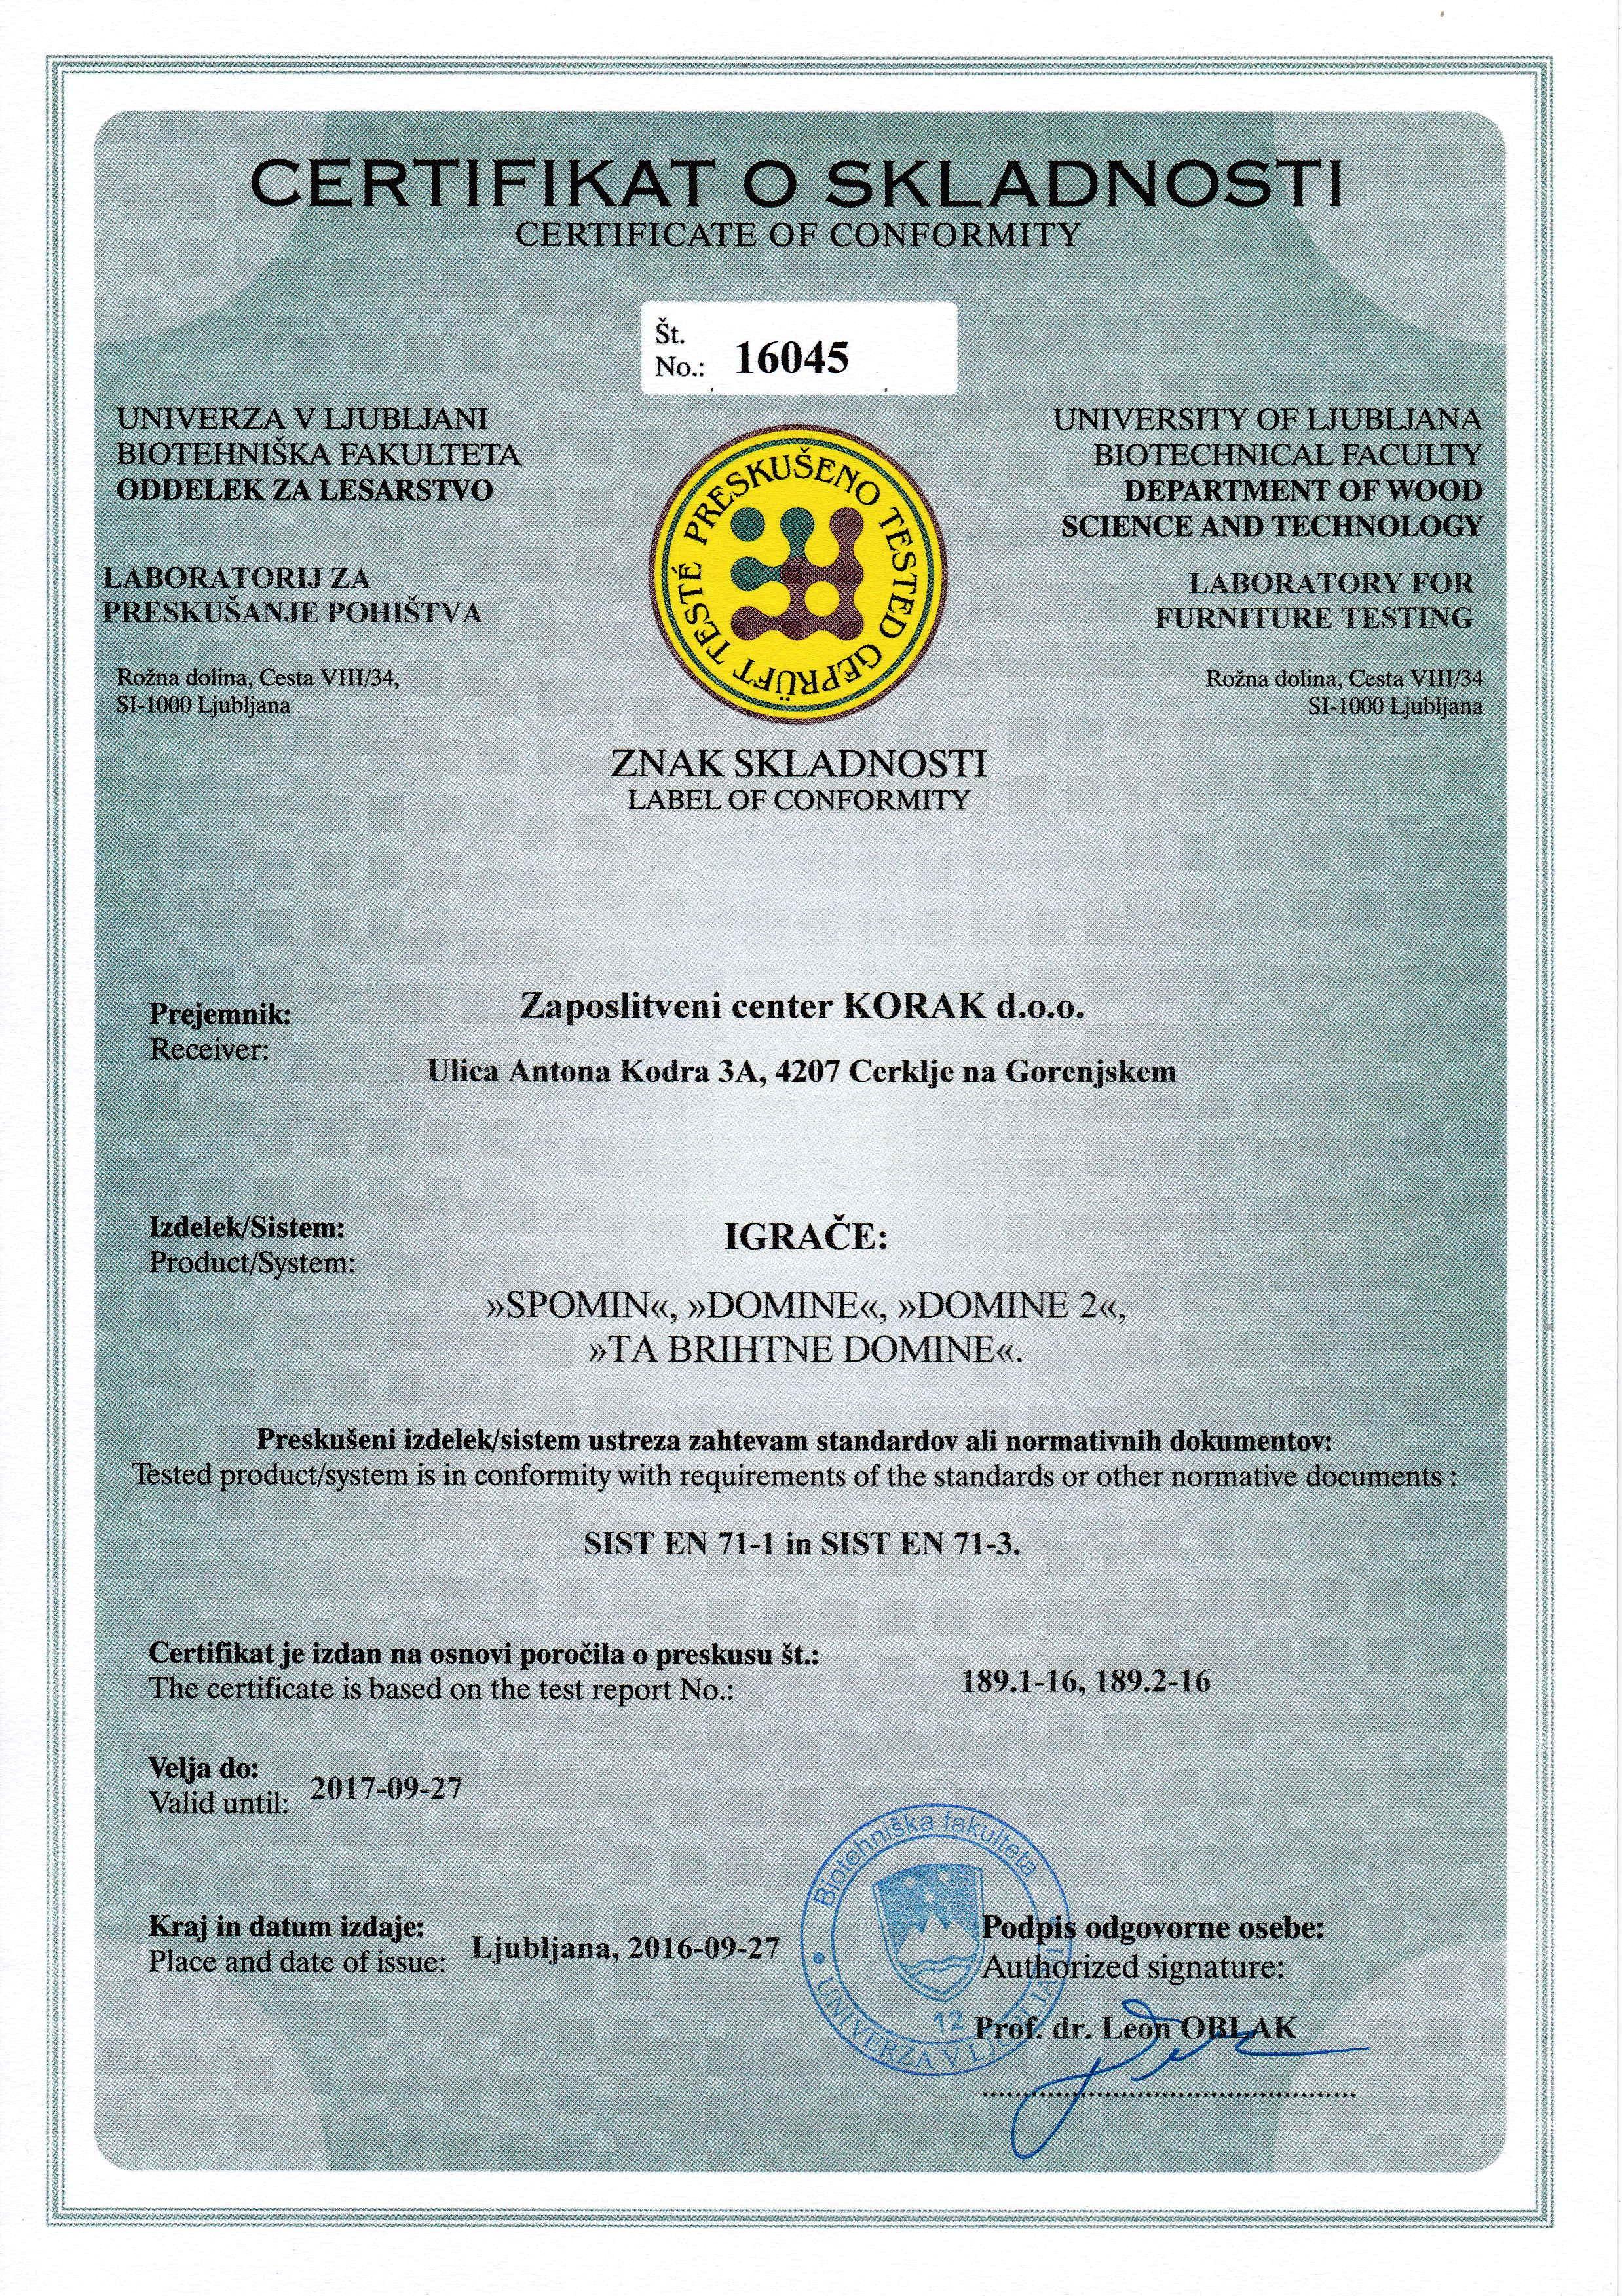 ce_certifikat